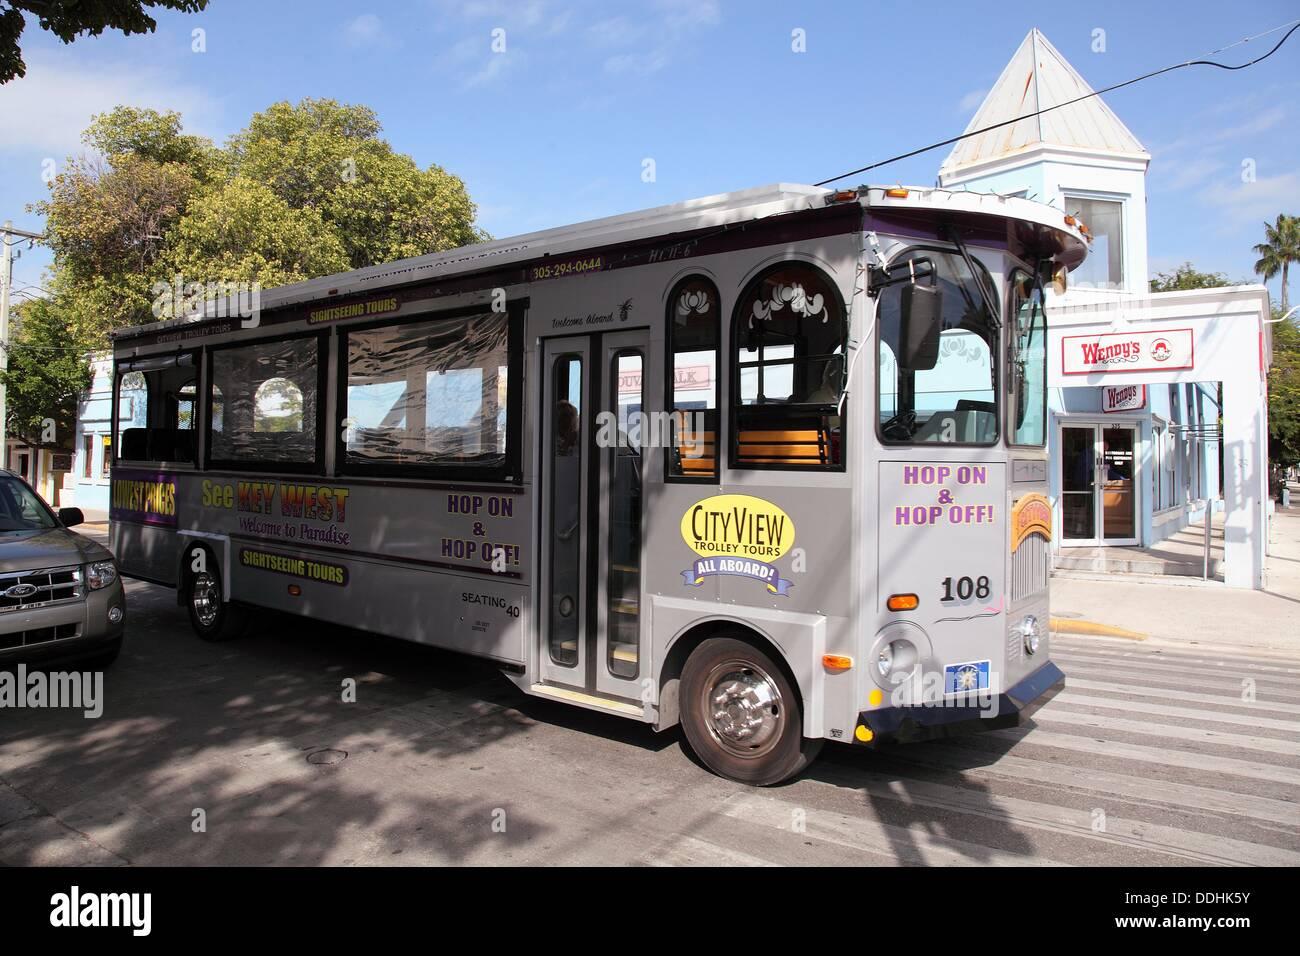 Public Transportation, Key West, Florida, USA - Stock Image